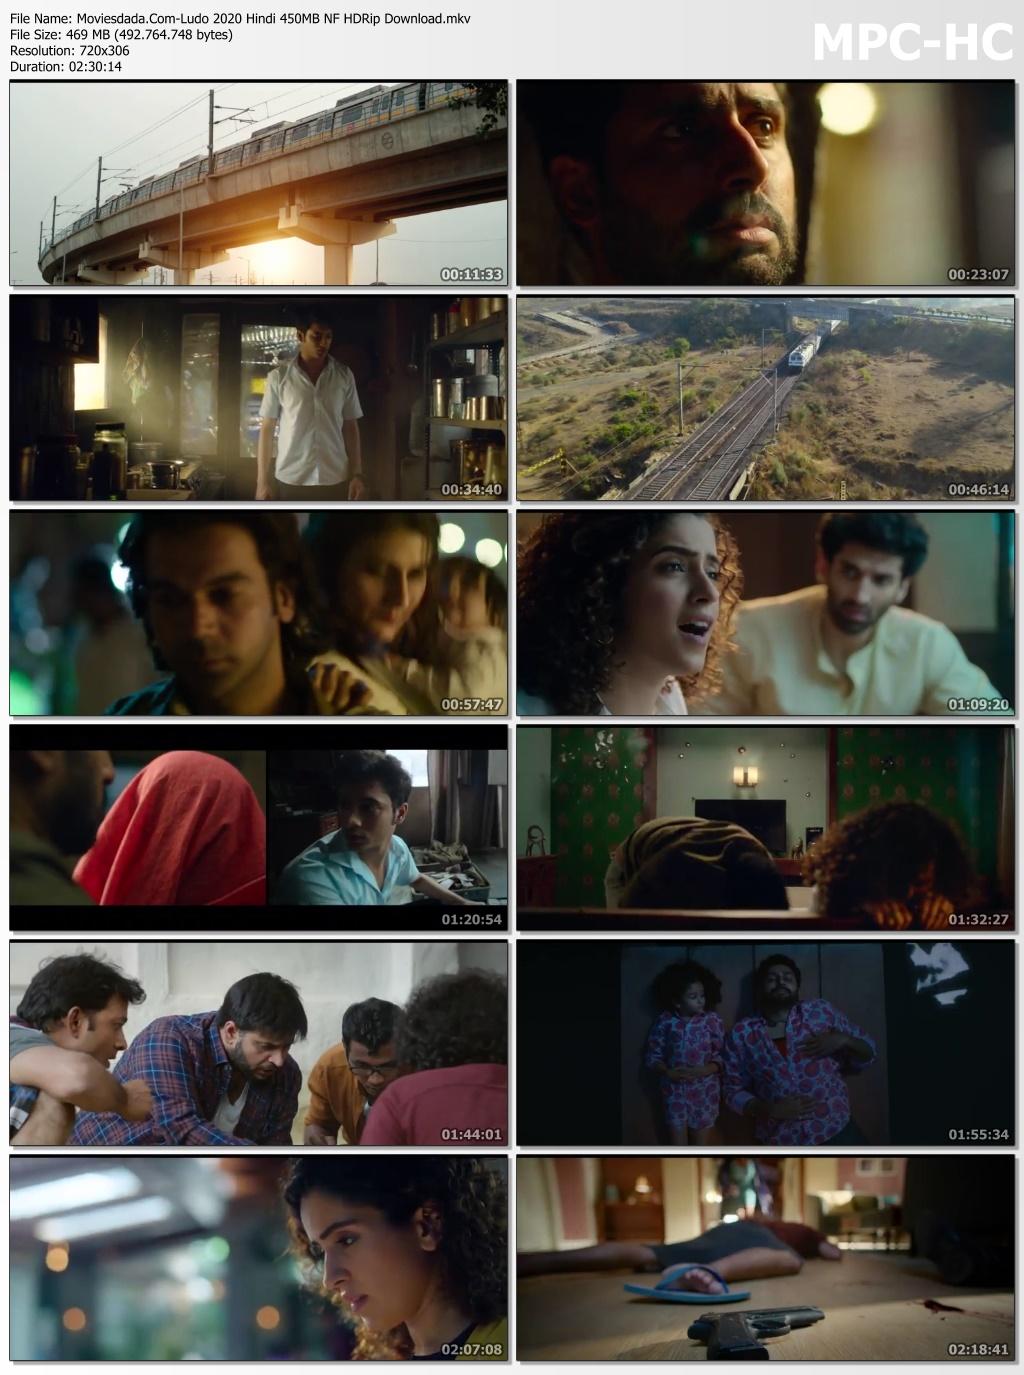 Moviesdada.Com Ludo 2020 Hindi 450MB NF HDRip Download.mkv thumbs